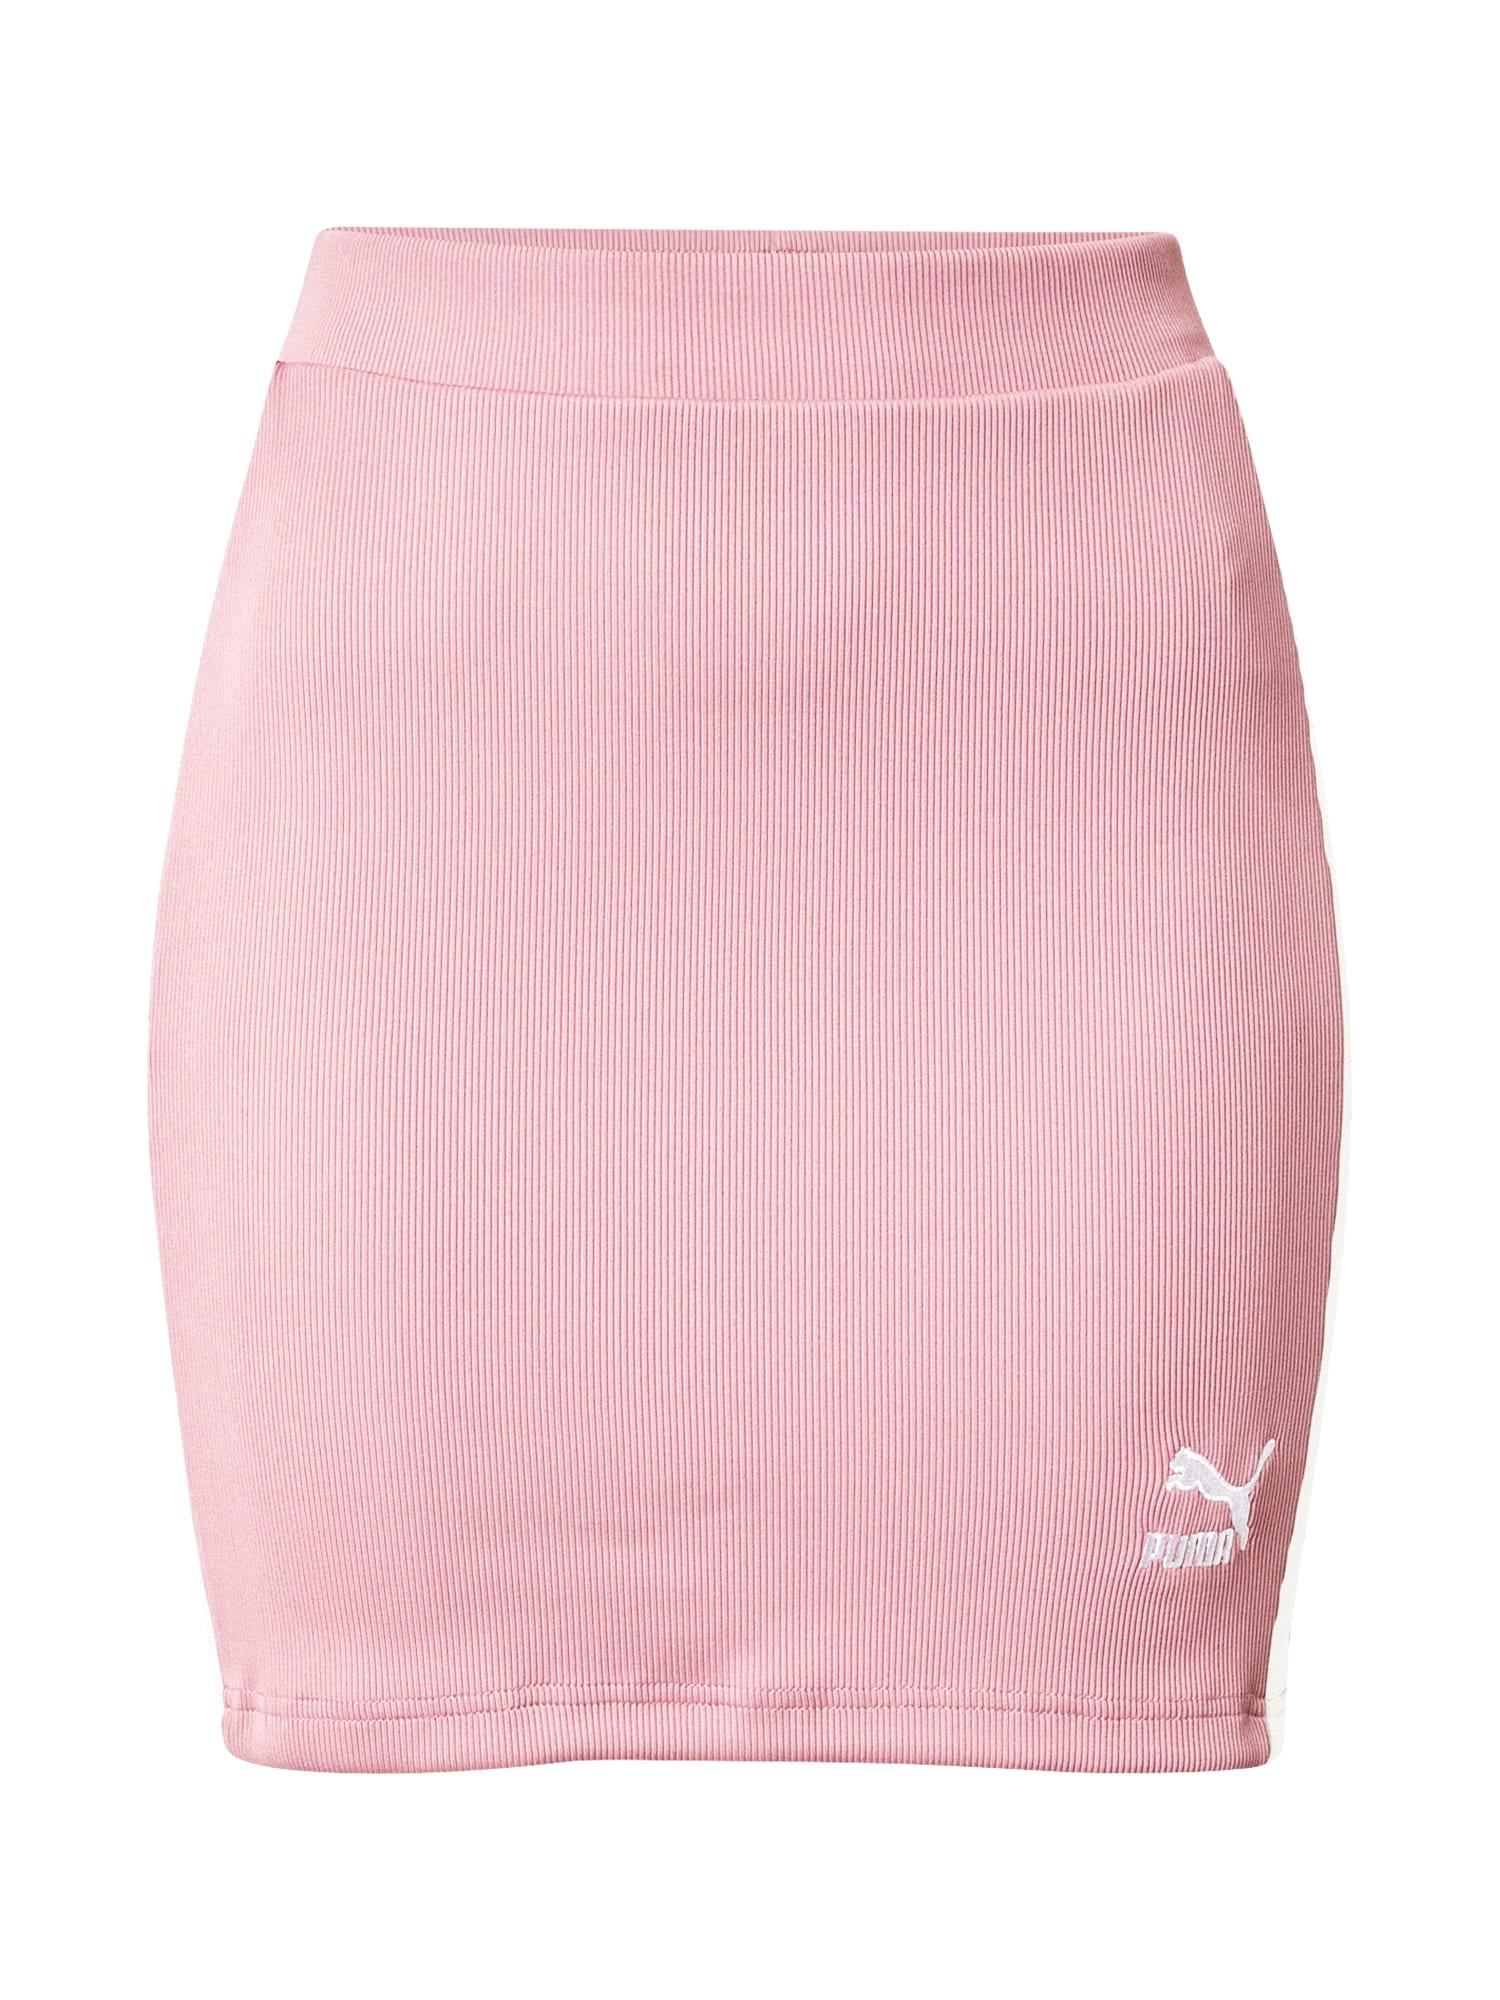 PUMA Sportinio stiliaus sijonas rožinė